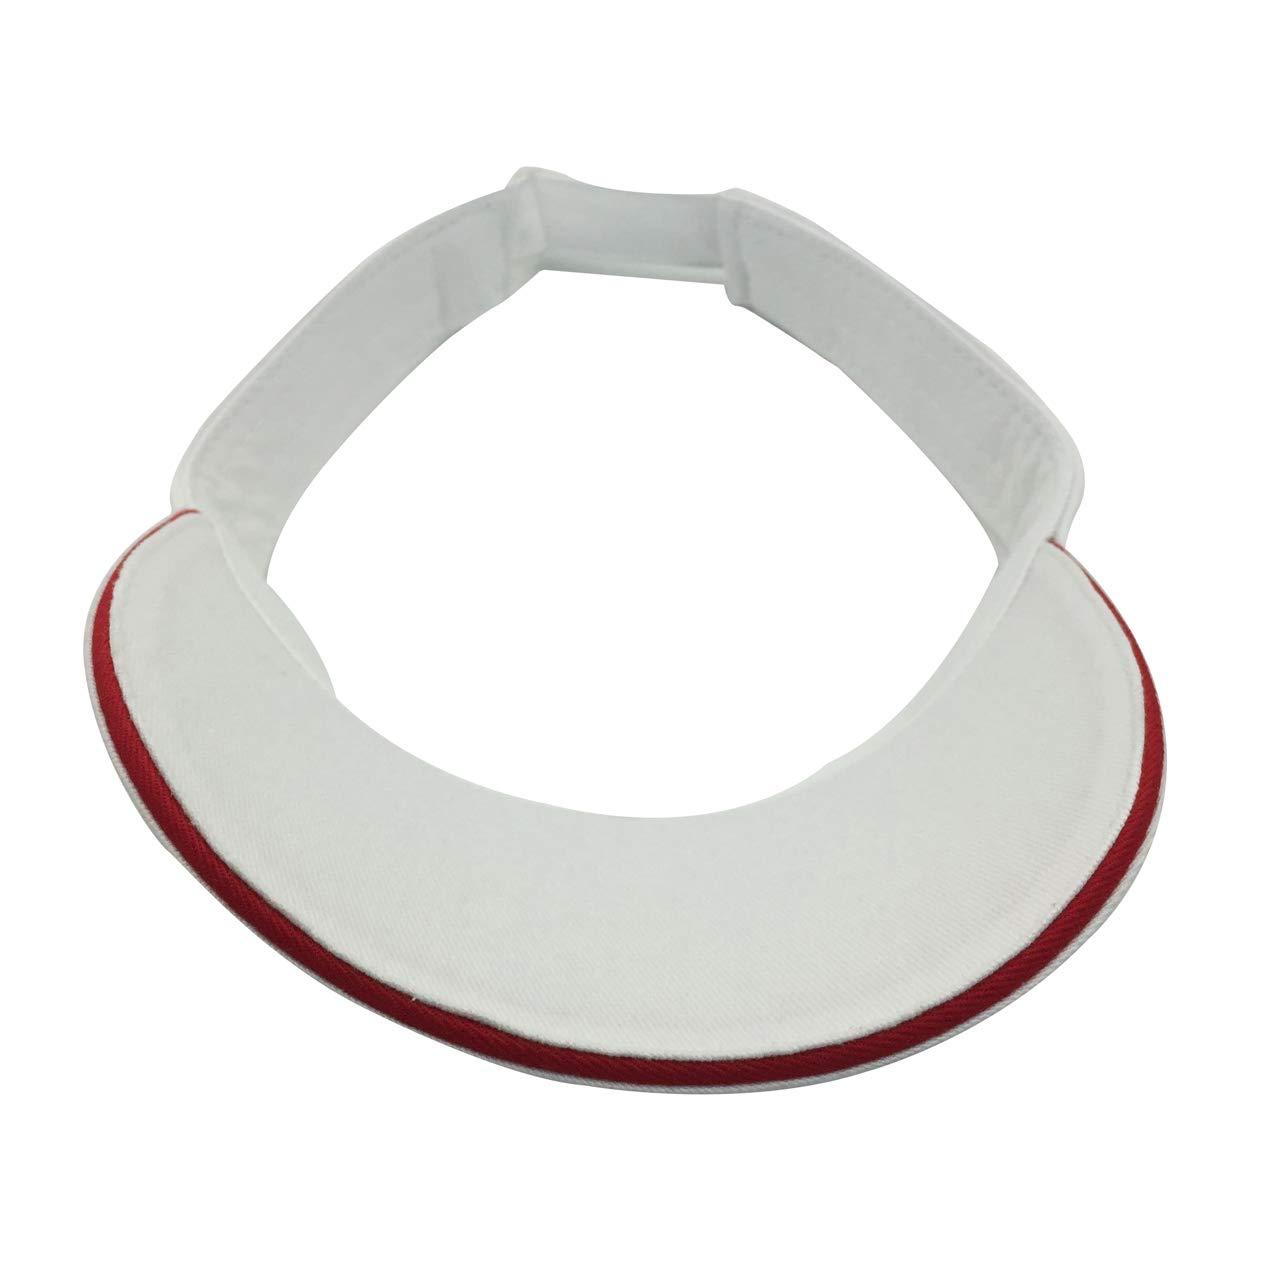 xiaopeng wang Unisex Best Visors Cap Small Embroidery Summer Cap Sports Twill Visor 100/% Cotton